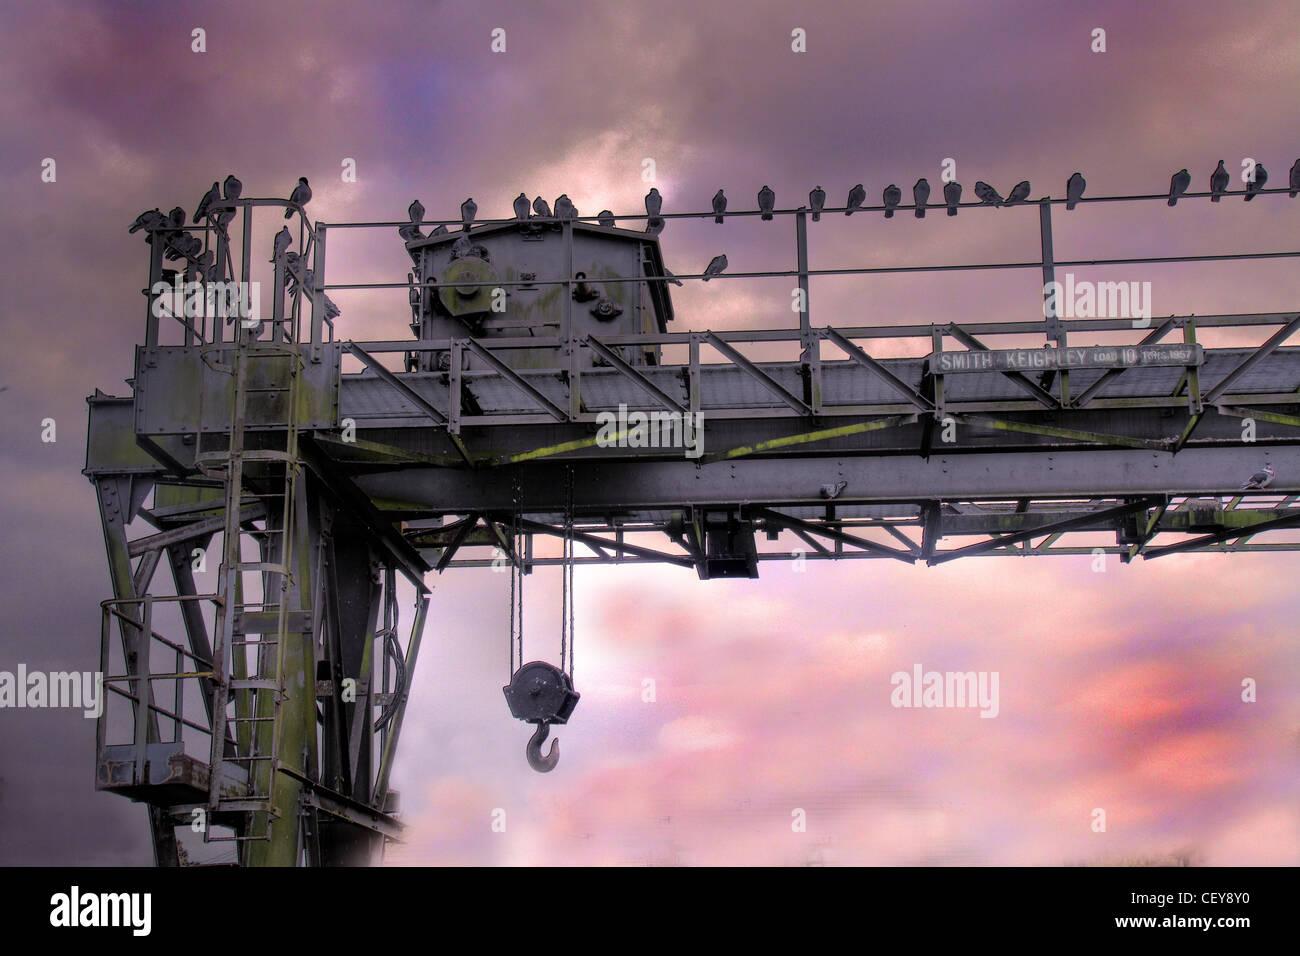 Laden Sie dieses Alamy Stockfoto Kran über den Manchester Ship Canal in Latchford sperrt, Süd Warrington, Cheshire, England UK - CEY8Y0